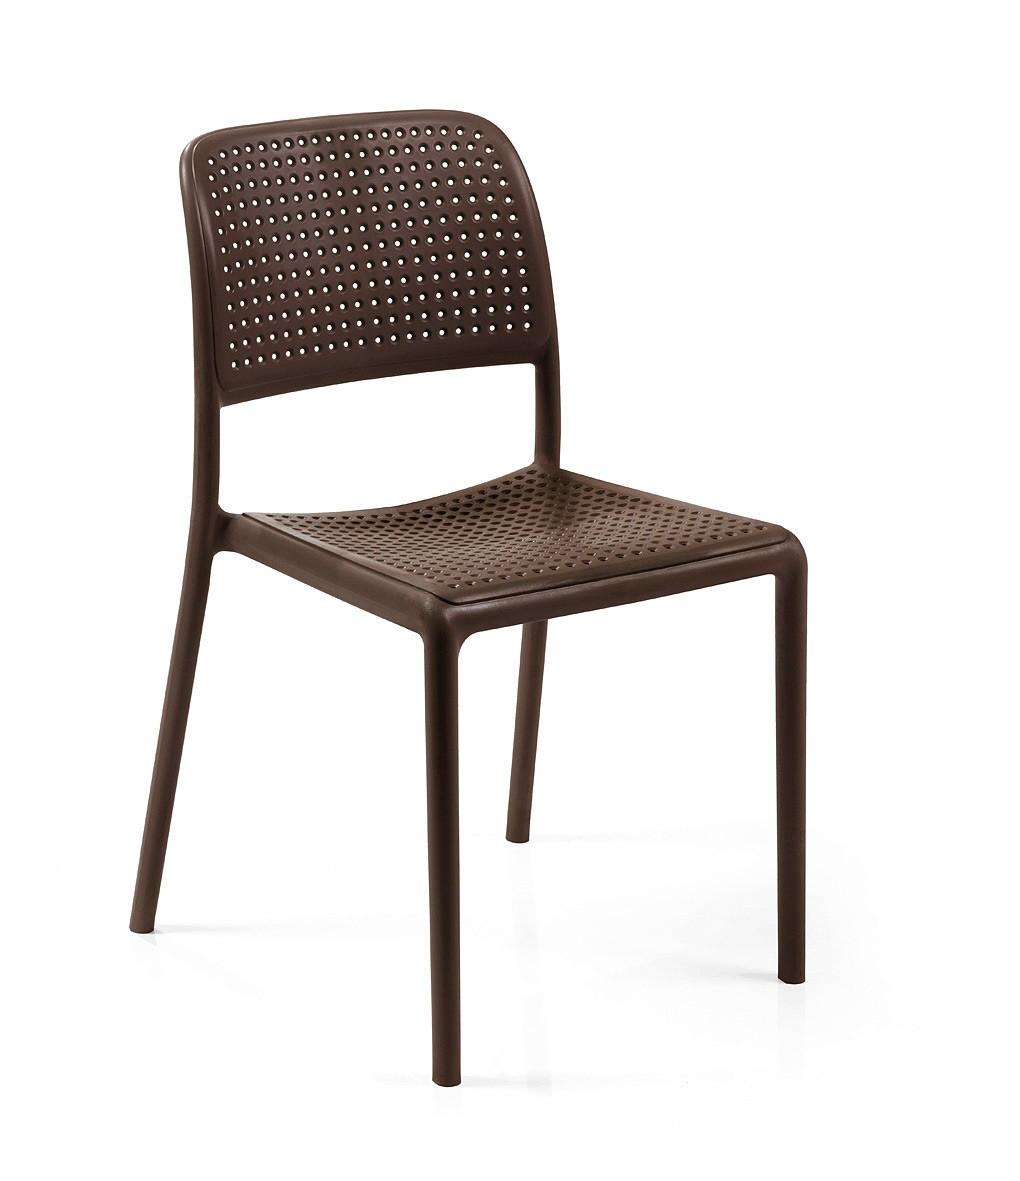 stapelstuhl gartenstuhl bora bistrot kunststoff. Black Bedroom Furniture Sets. Home Design Ideas